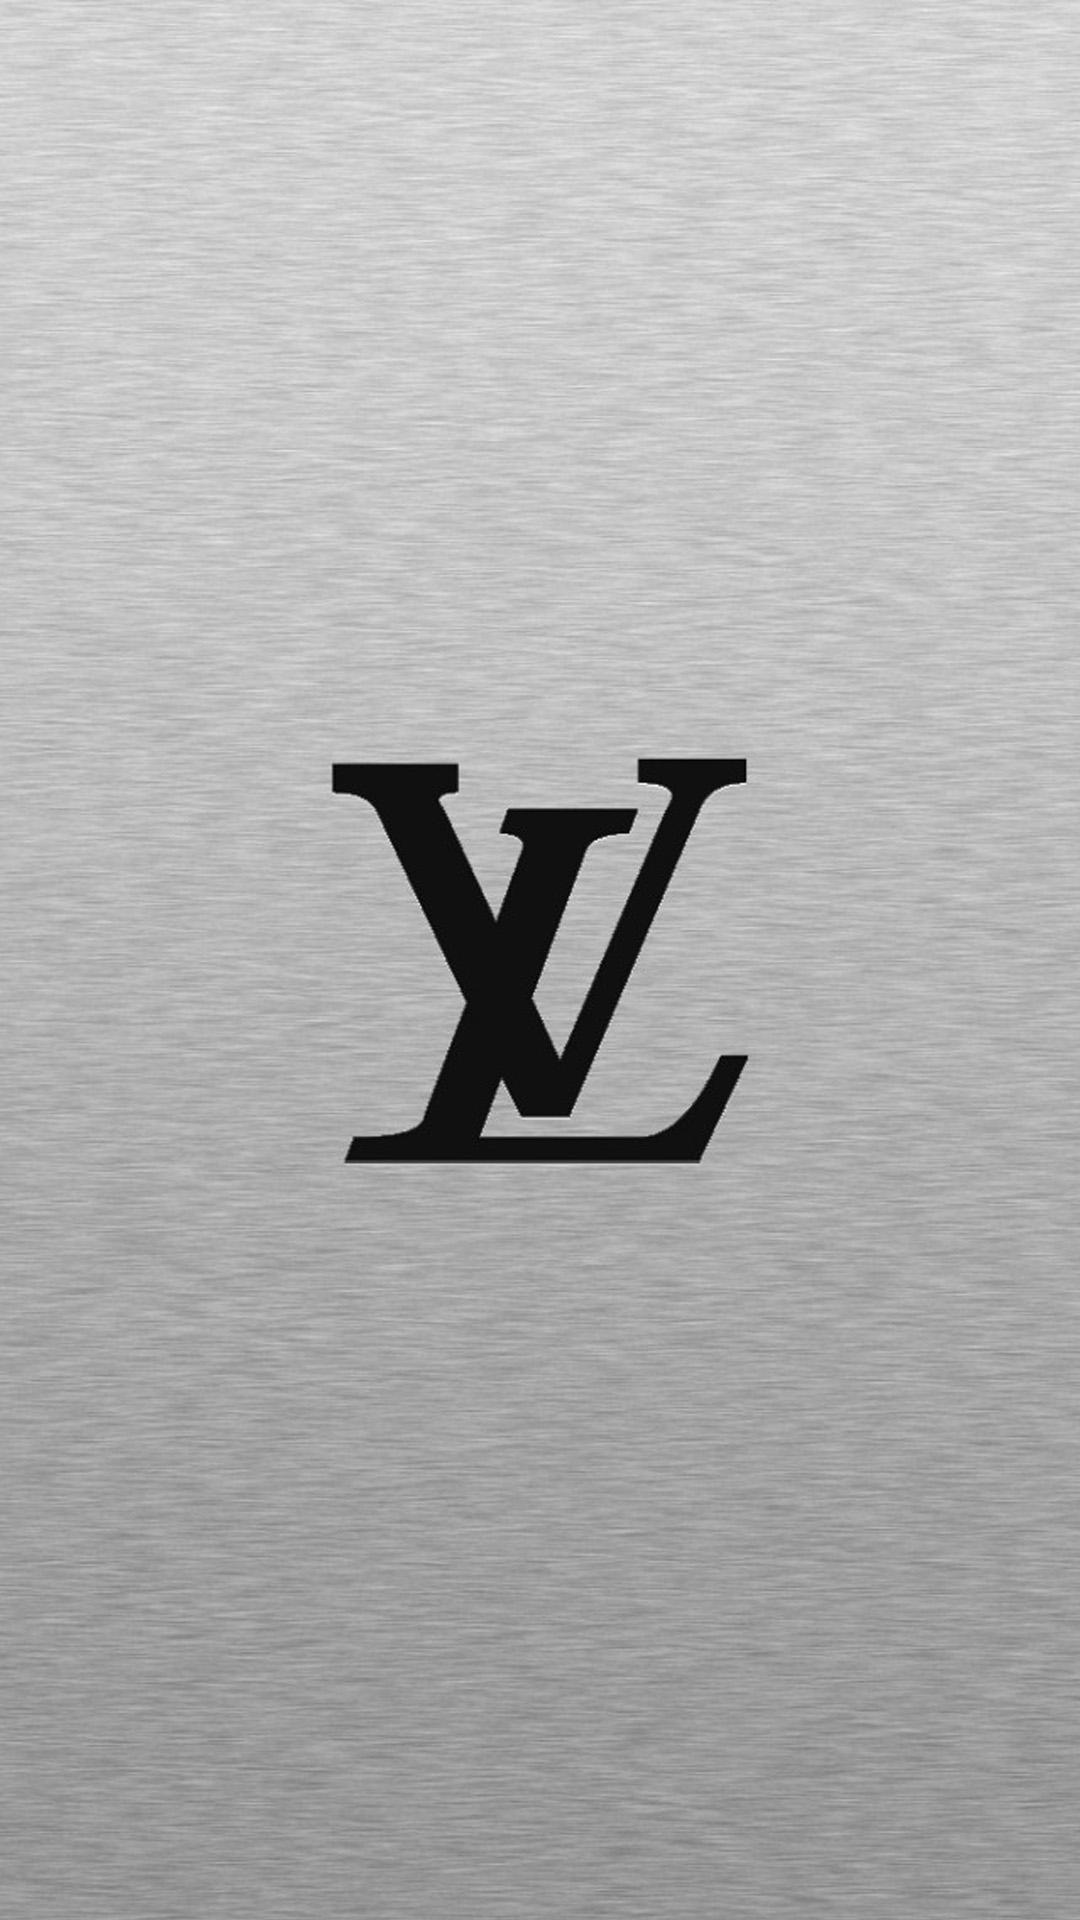 Louis Vuitton Logo Iphone Wallpaper Iphone Wallpaper